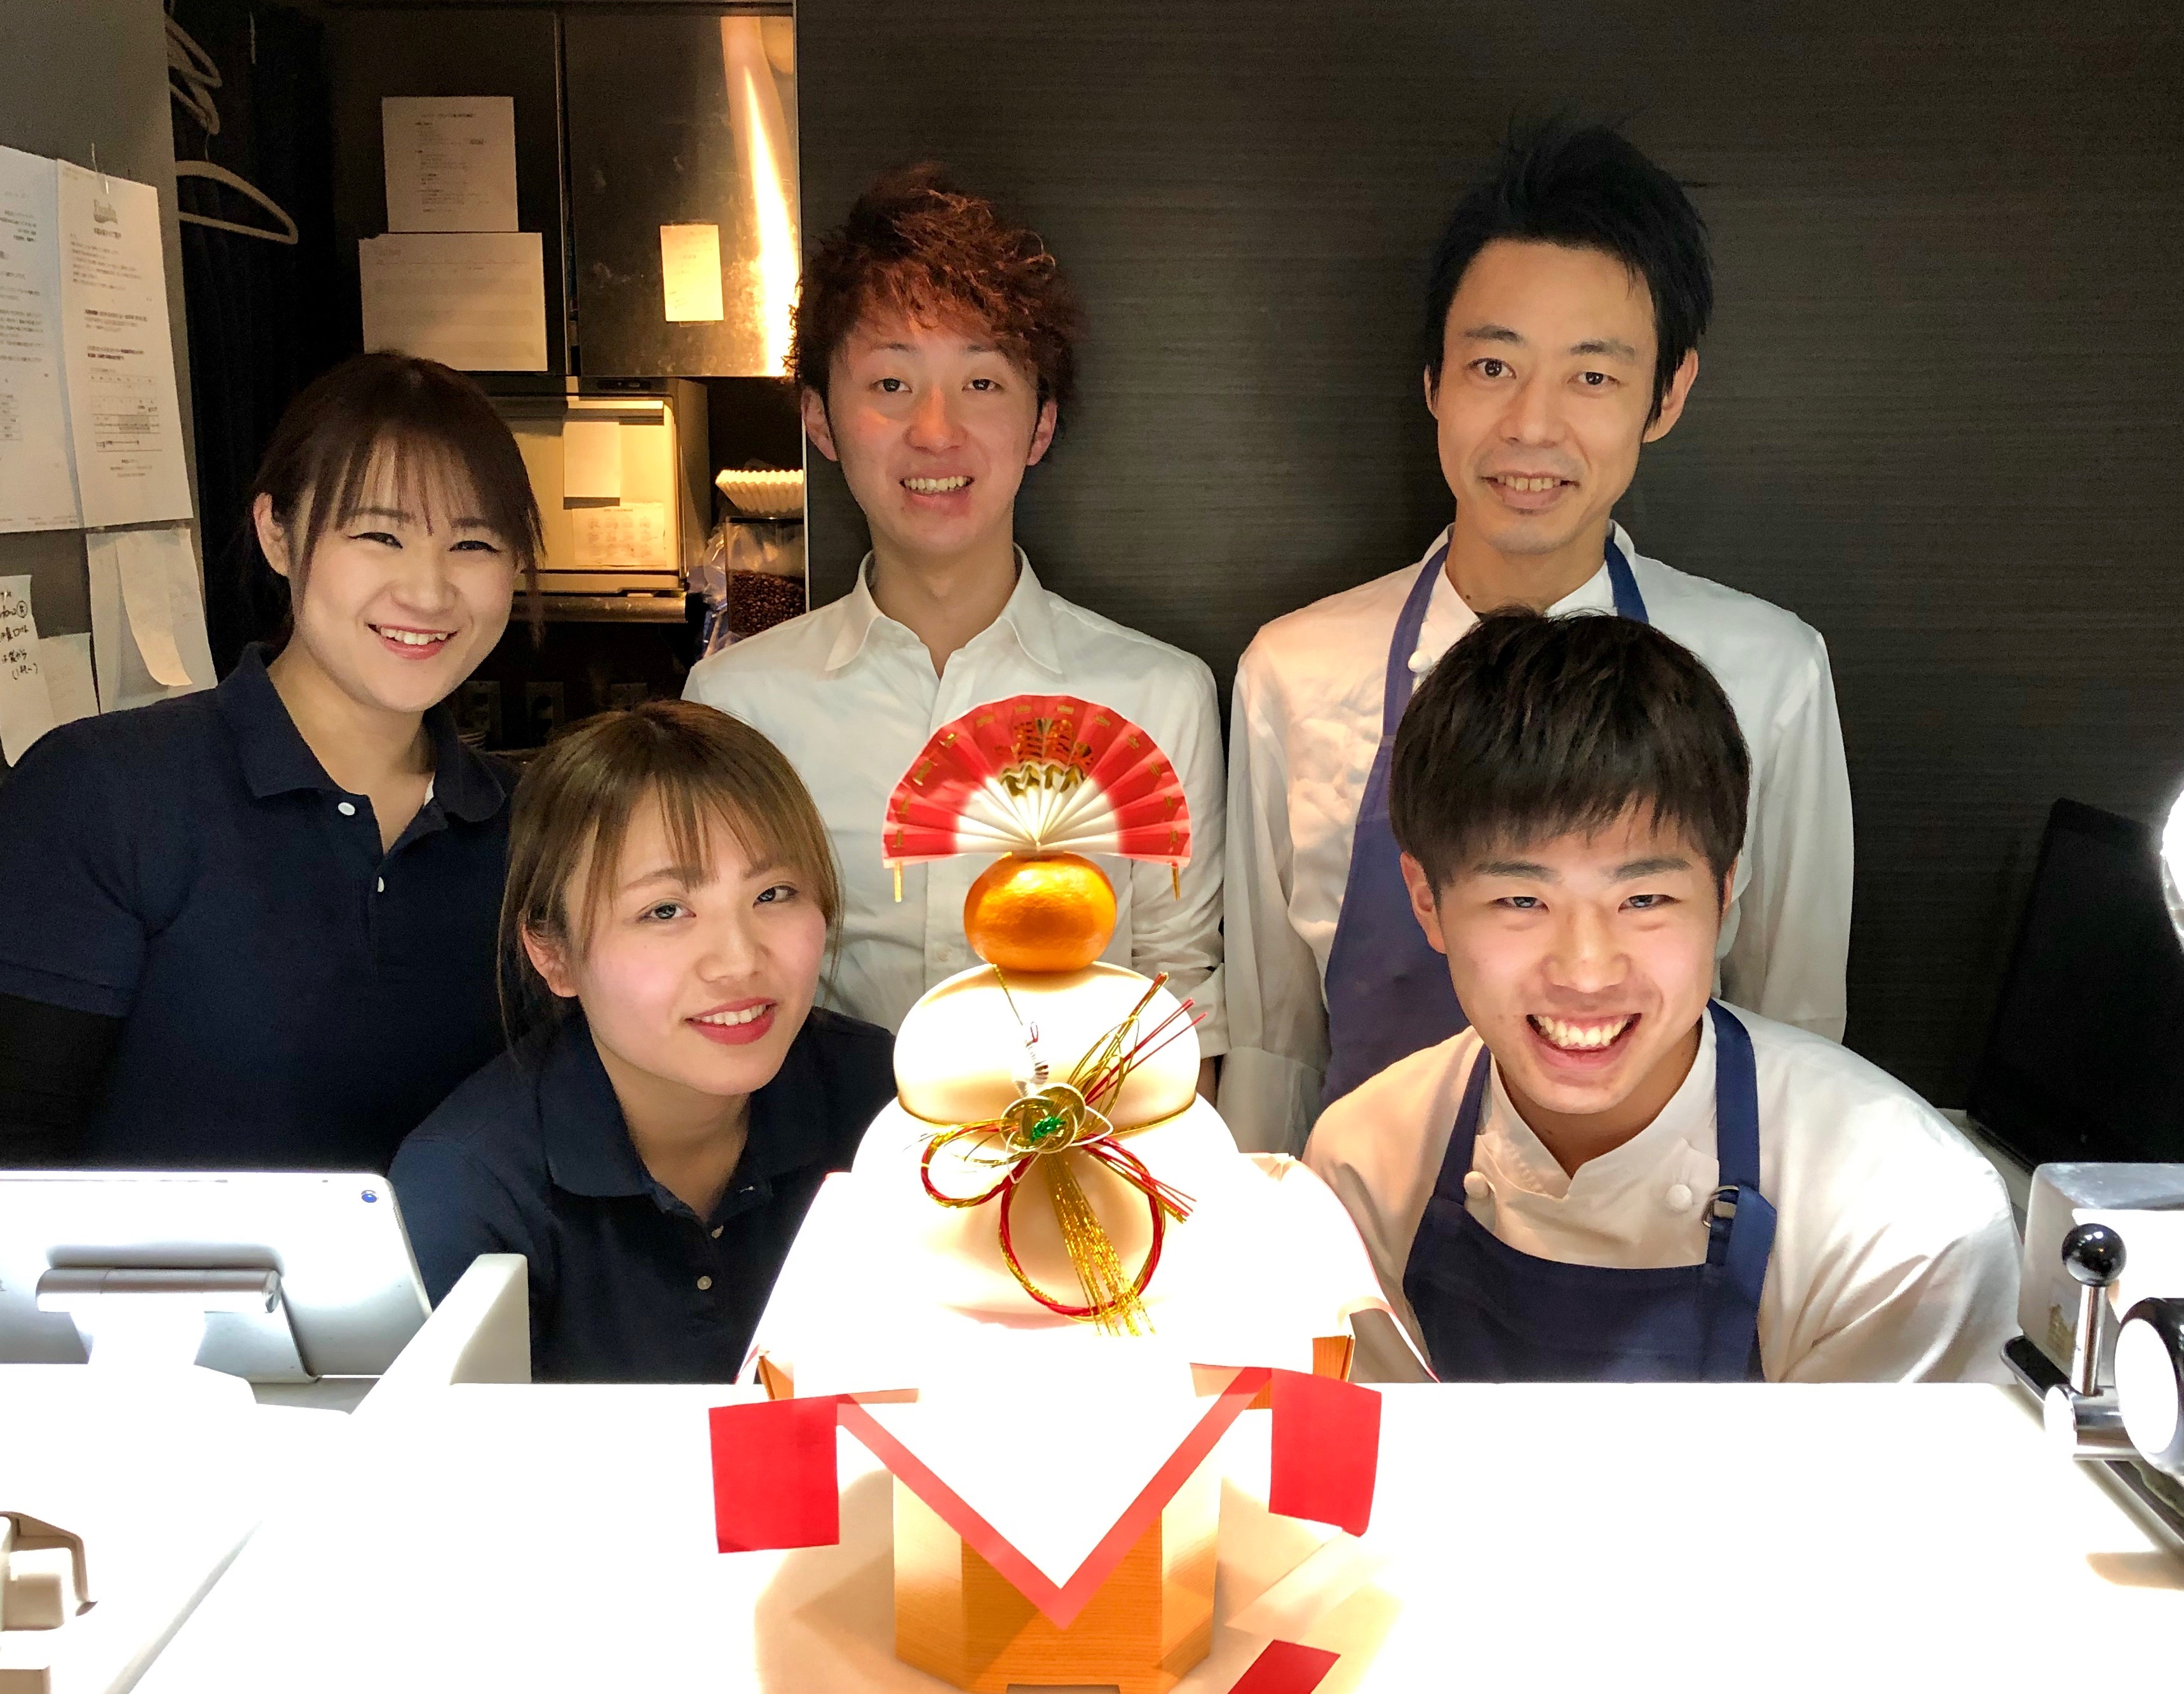 「駅構内で楽しいお食事を!」のイメージ写真